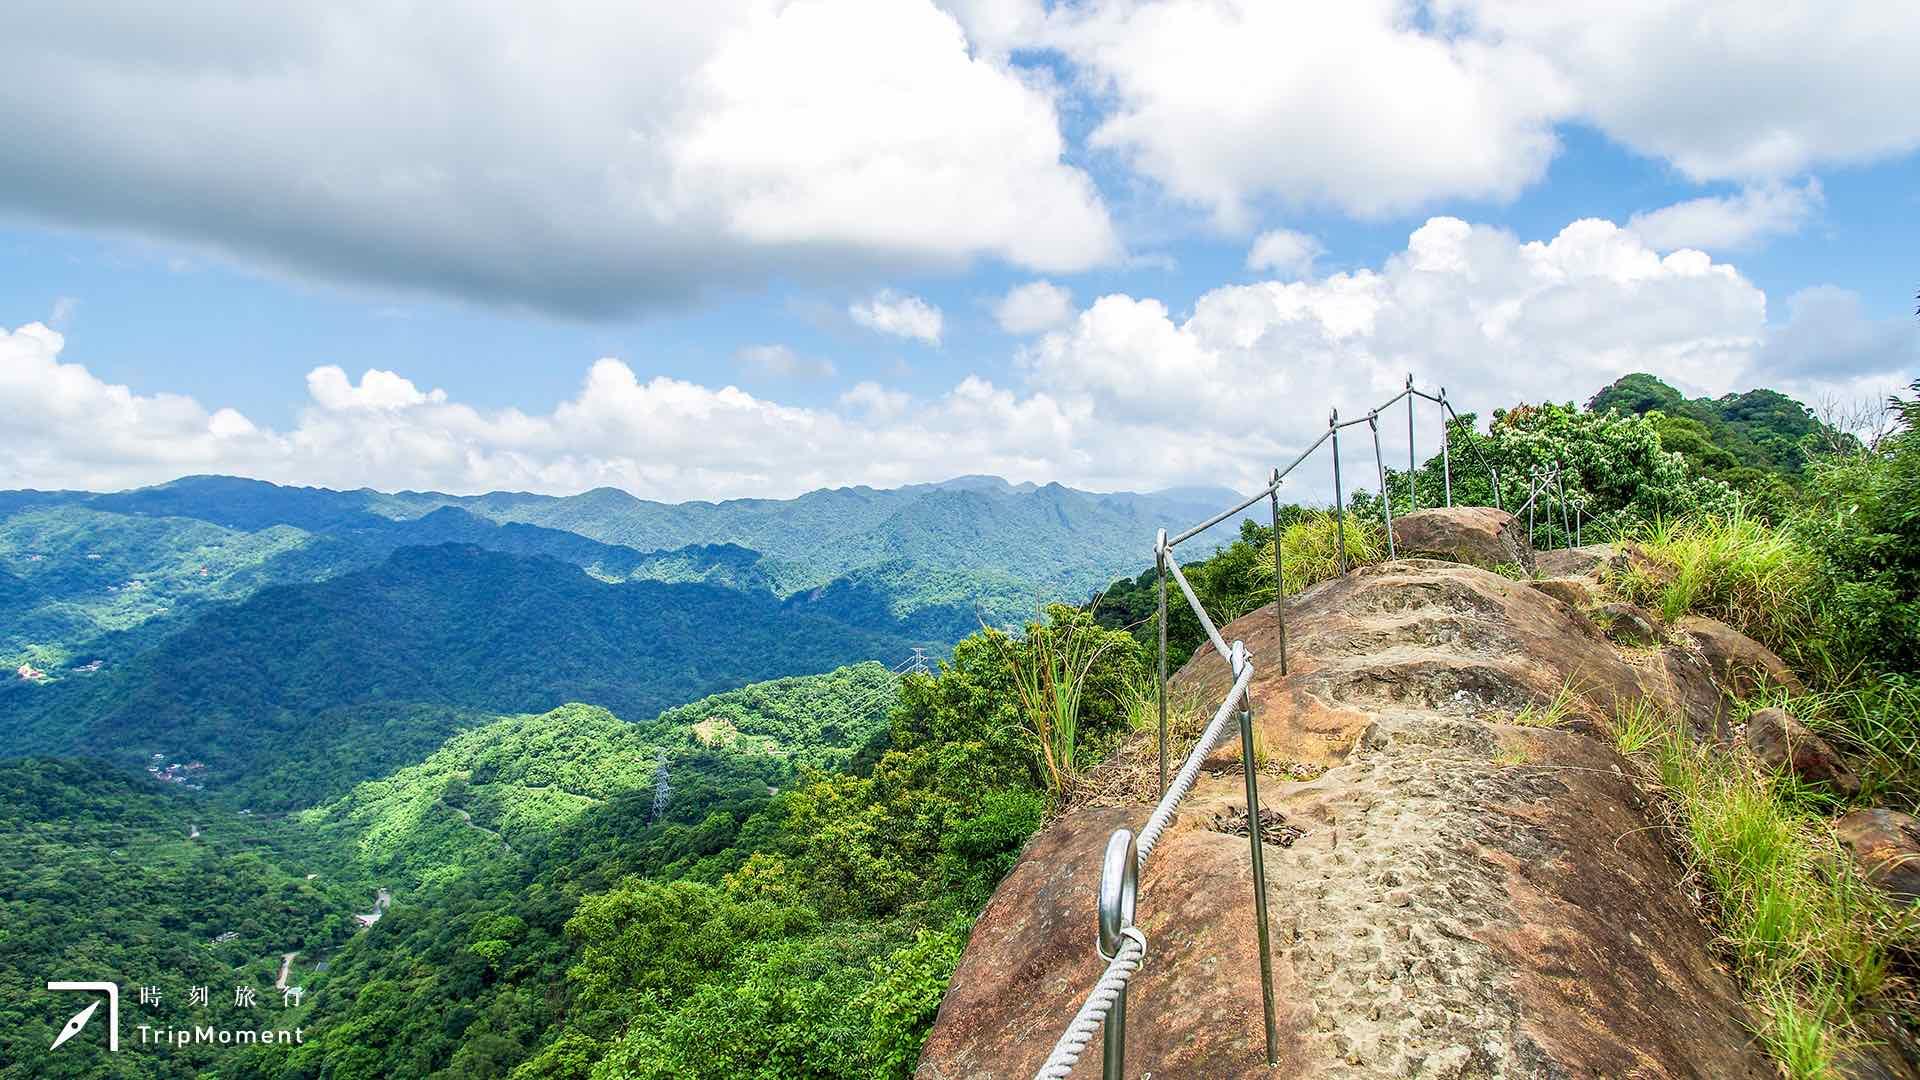 石碇皇帝殿步道》攀岩登山新地標!居高臨下眺望壯闊山巒